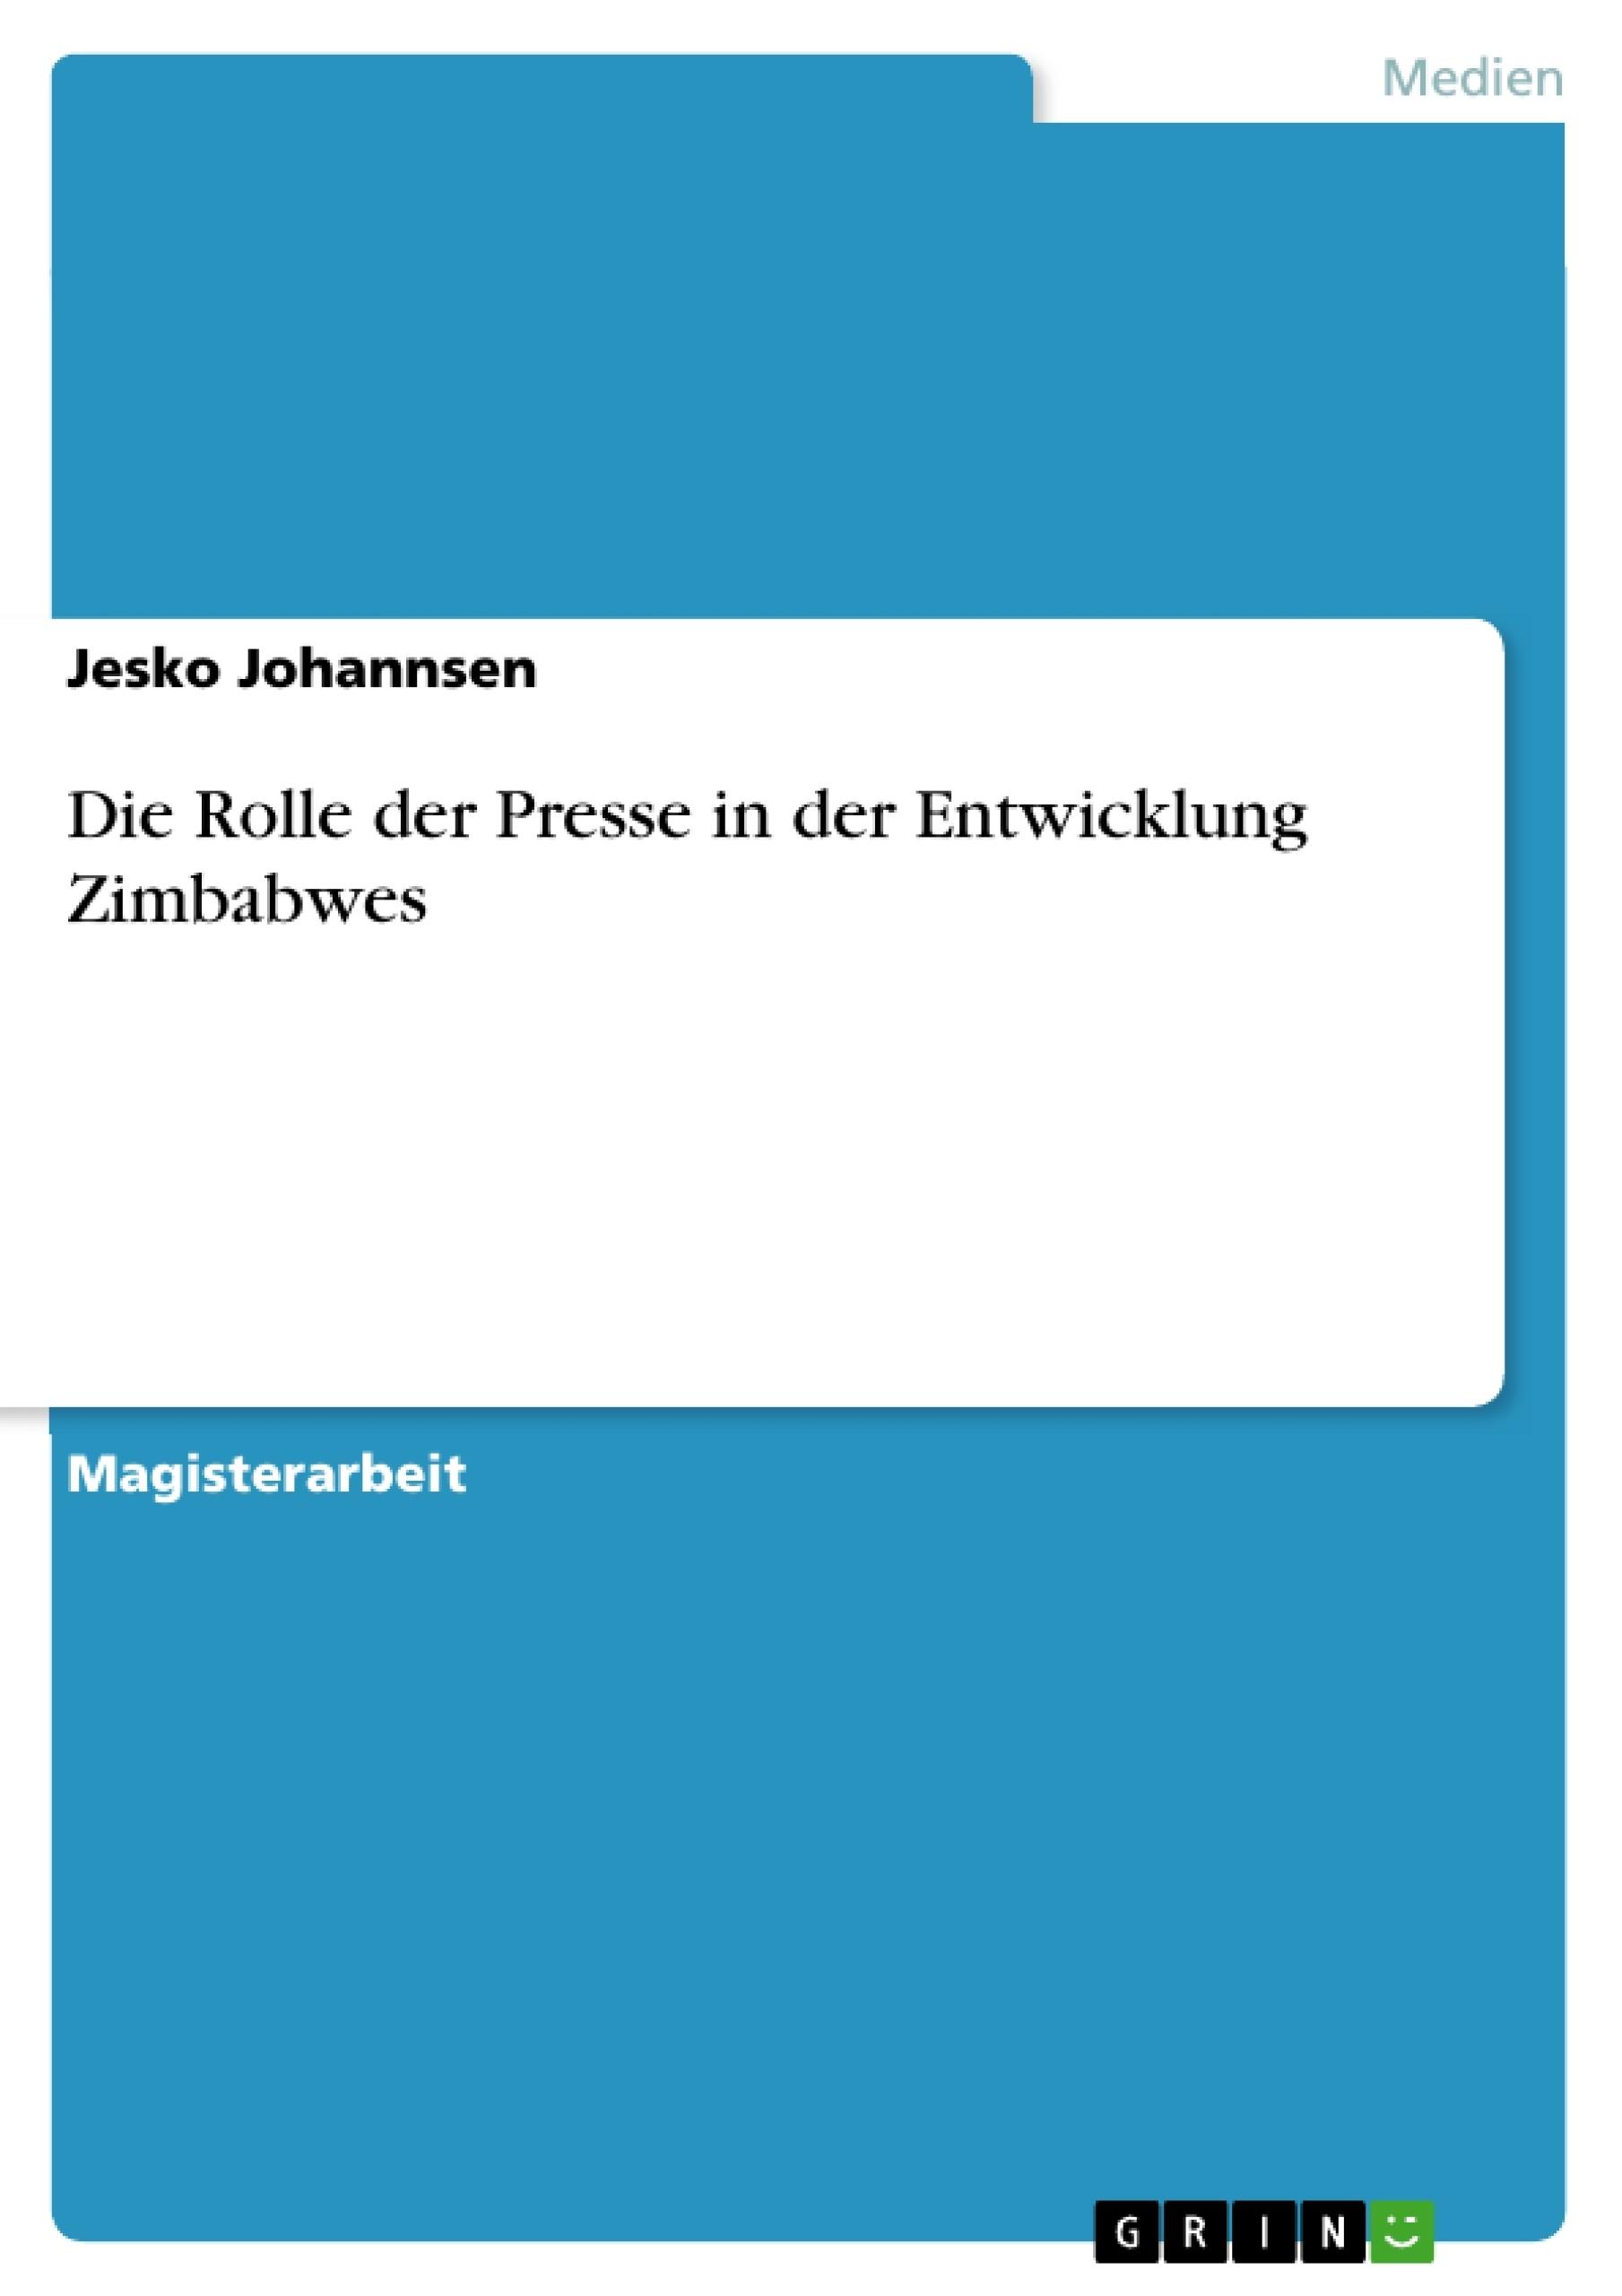 Titel: Die Rolle der Presse in der Entwicklung Zimbabwes